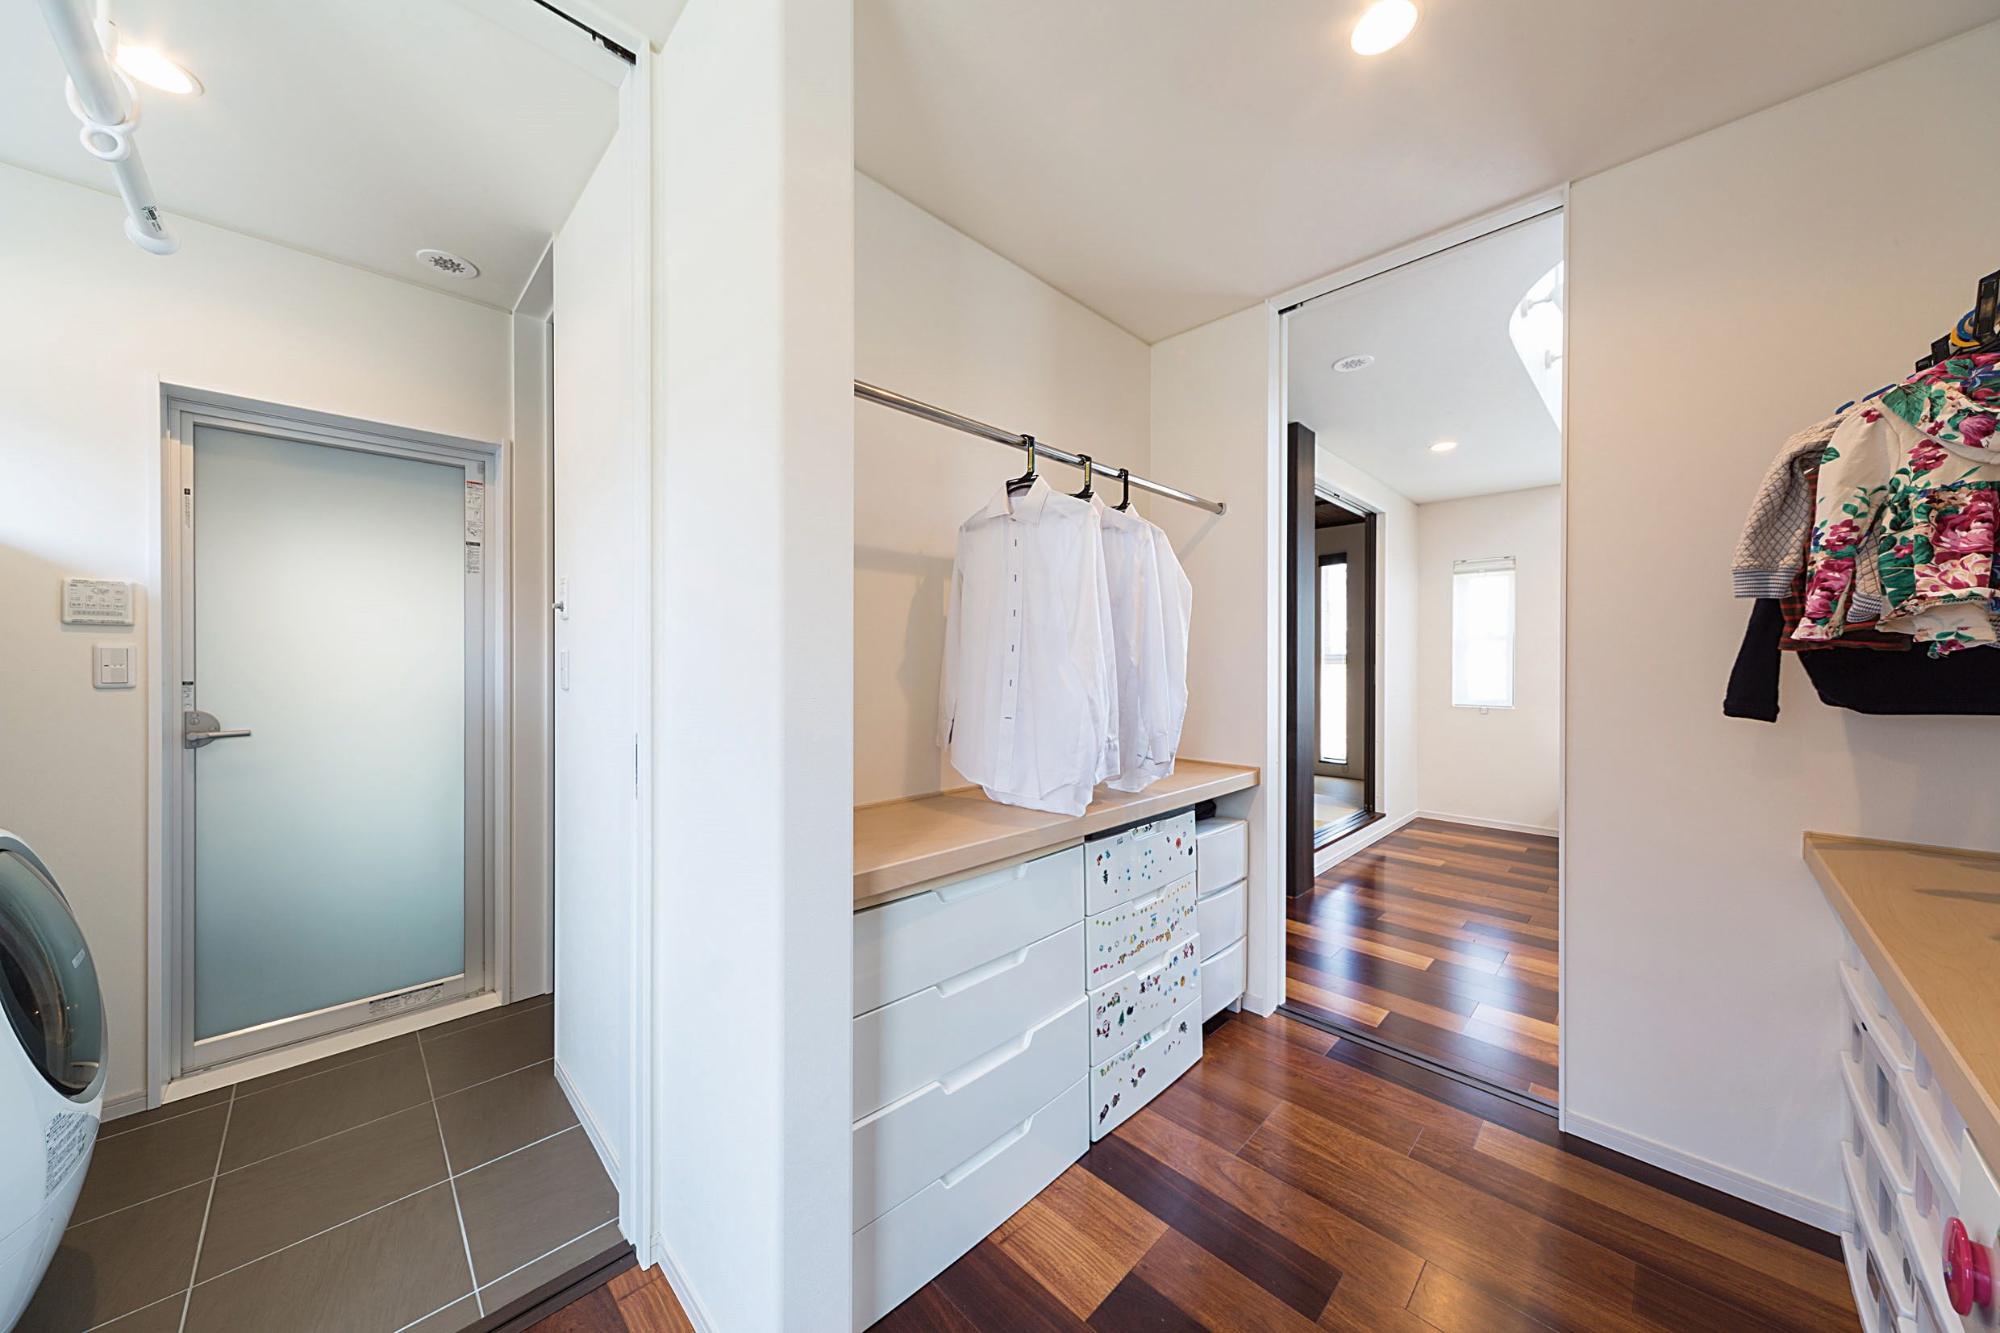 株式会社イシカワ「スクエア形のツートンカラーデザイン」のモダンな収納スペースの実例写真